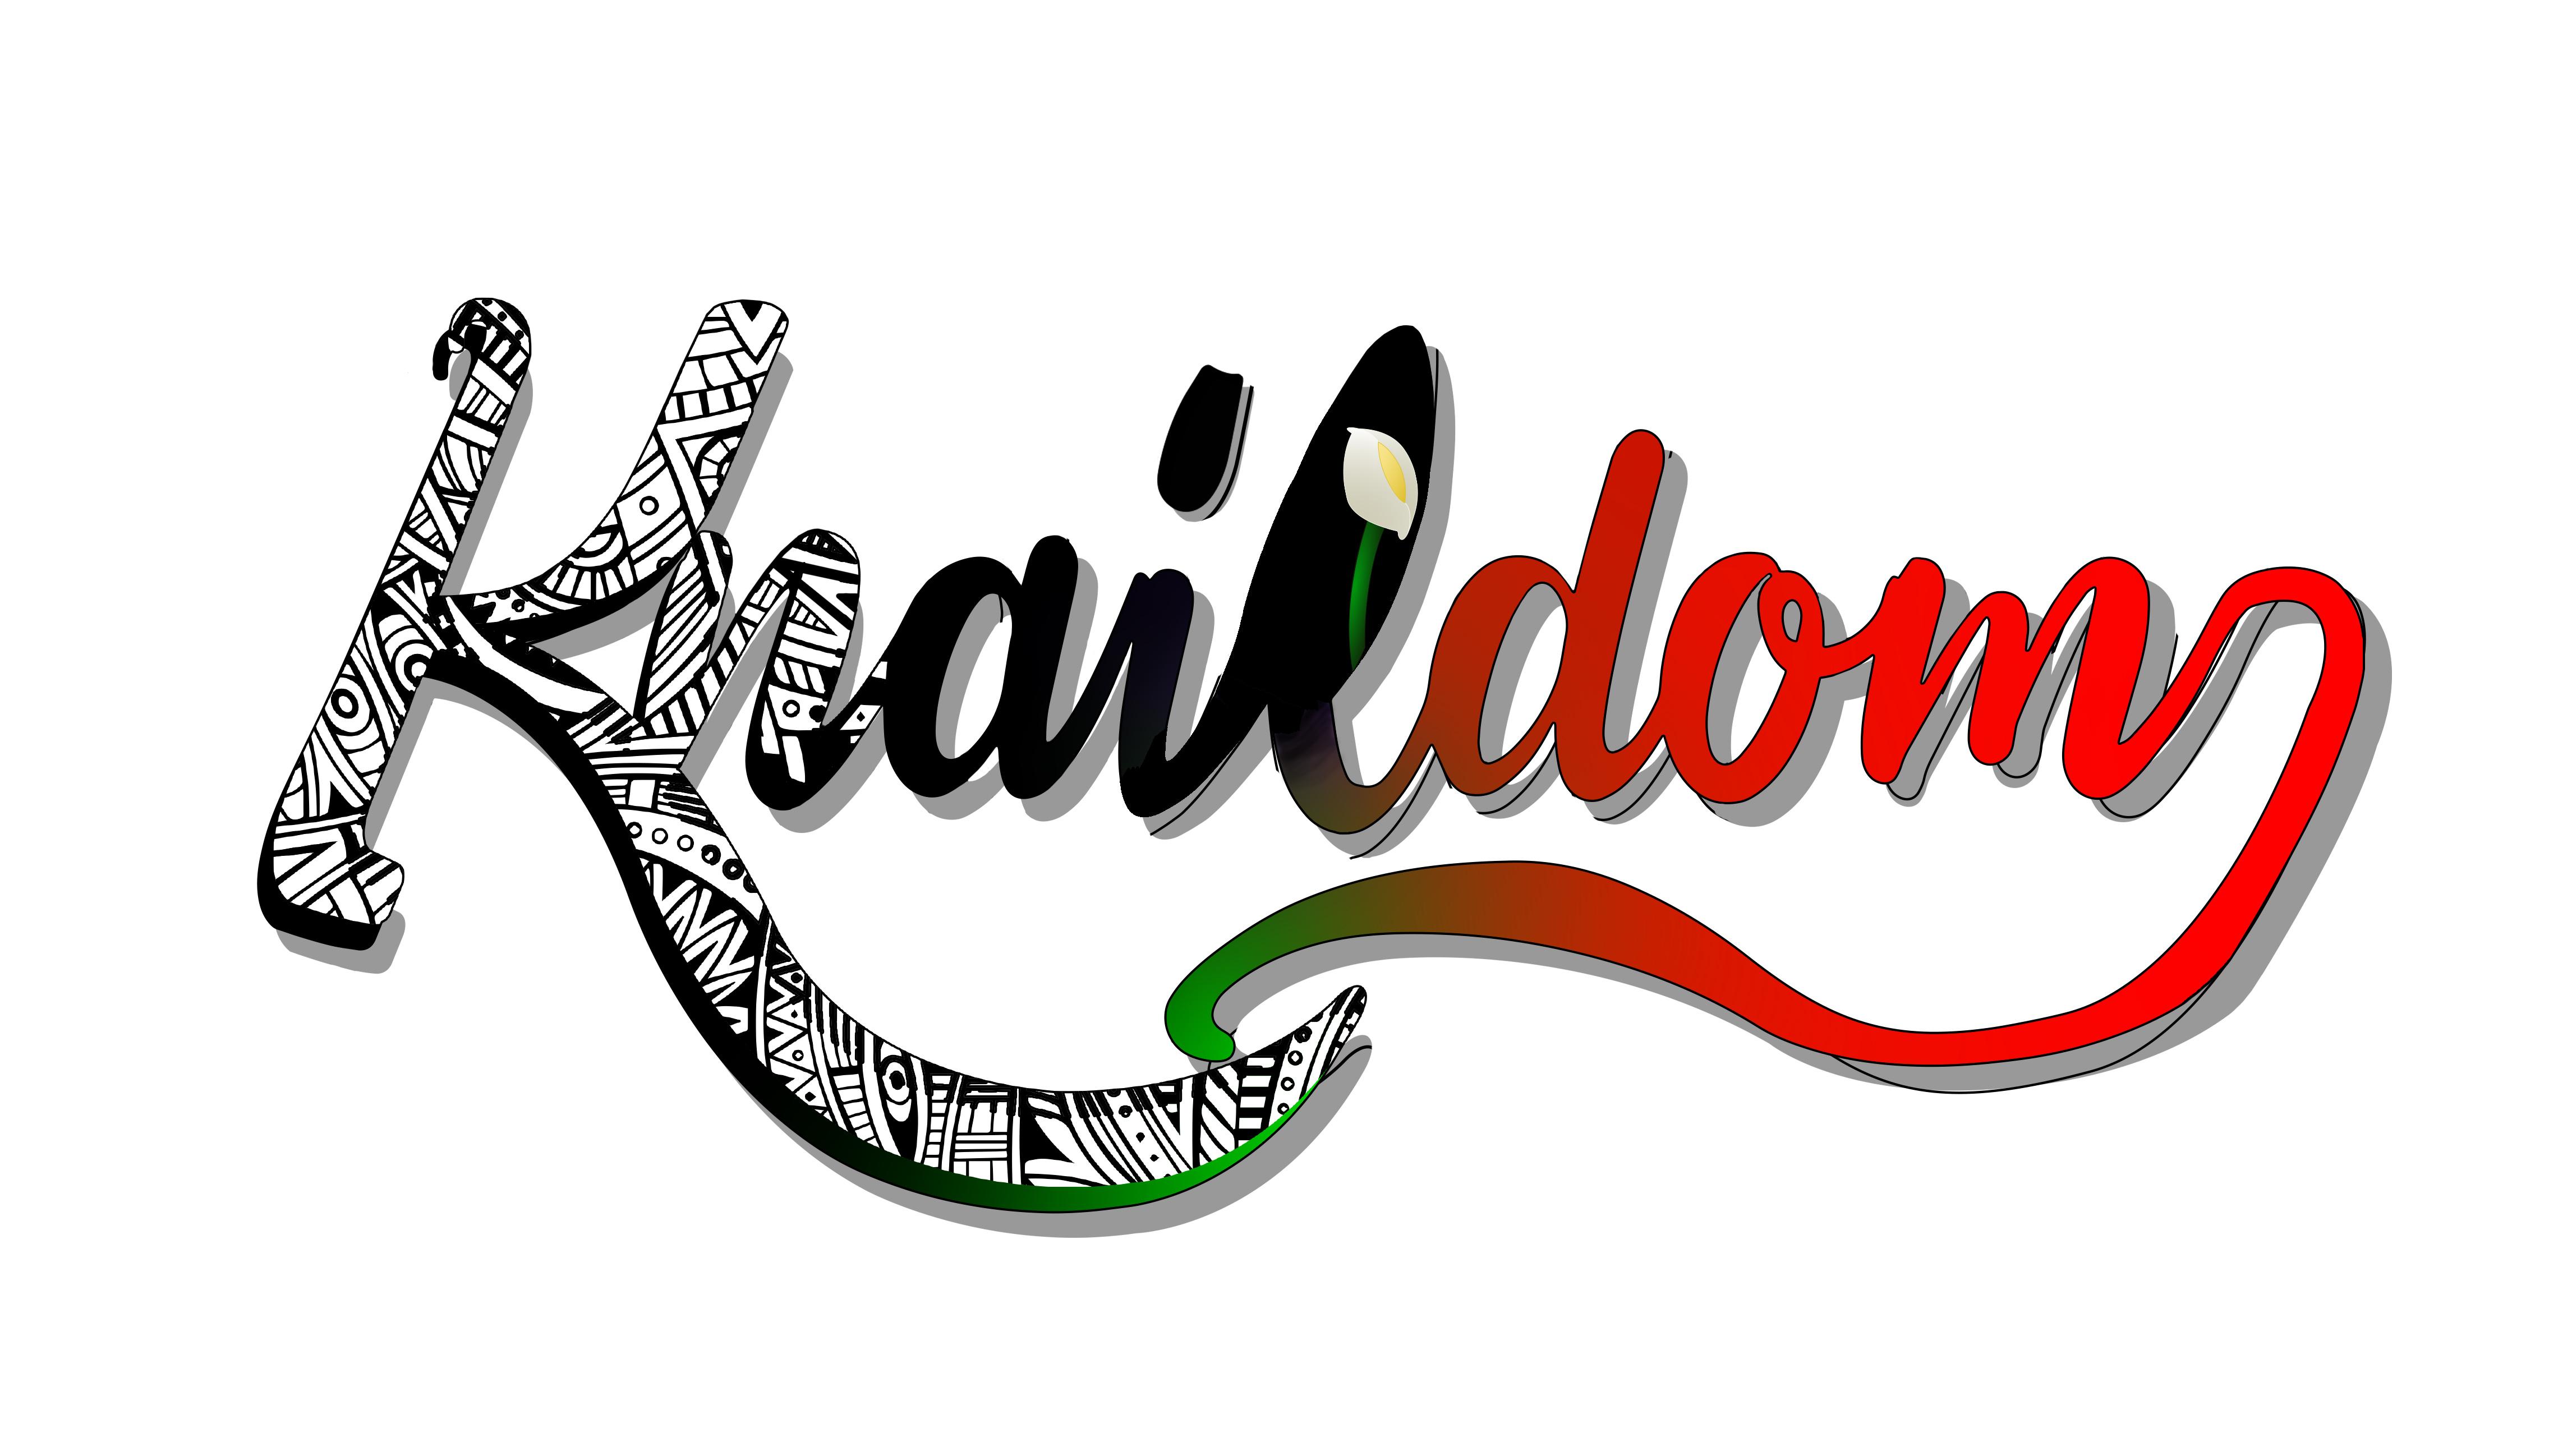 Knaildom logo